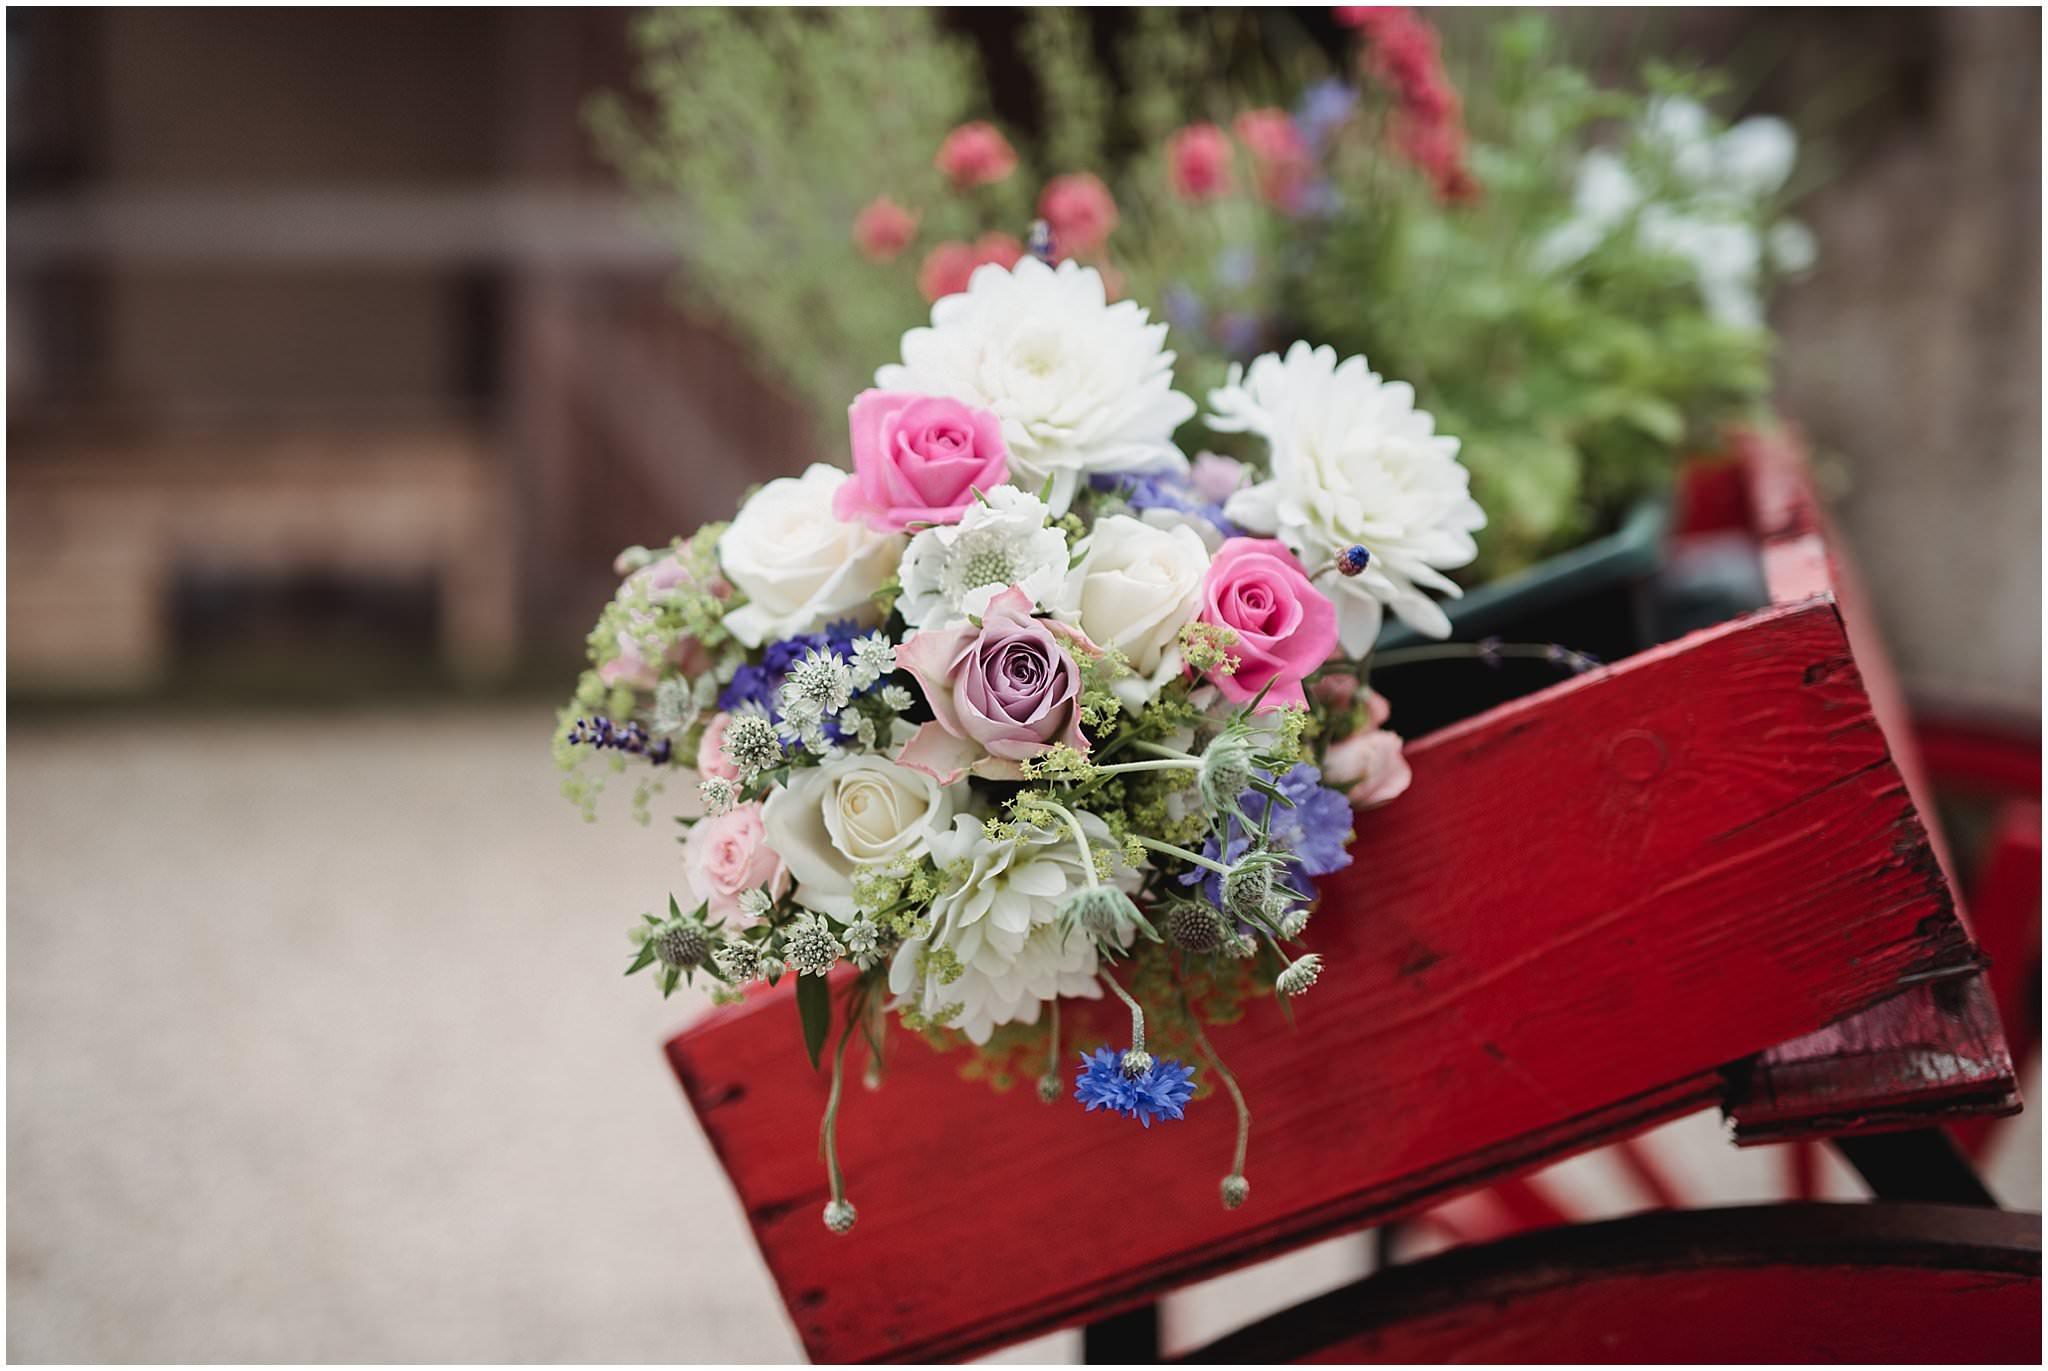 fay & tim wedding at ashley wood farm_0470